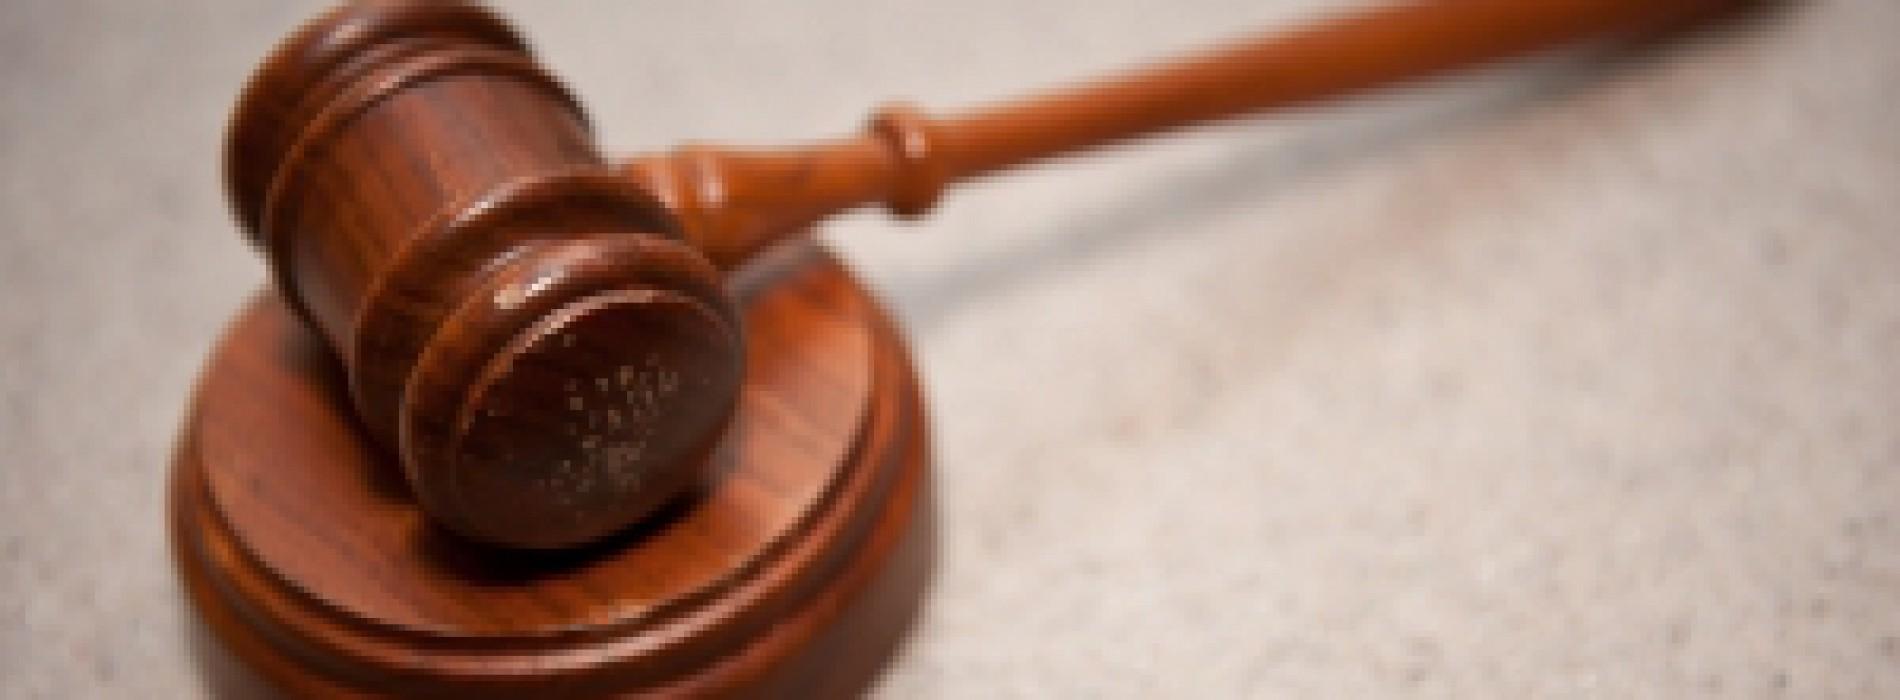 Ostróda: Akt oskarżenia przeciwko nieuczciwej szefowej